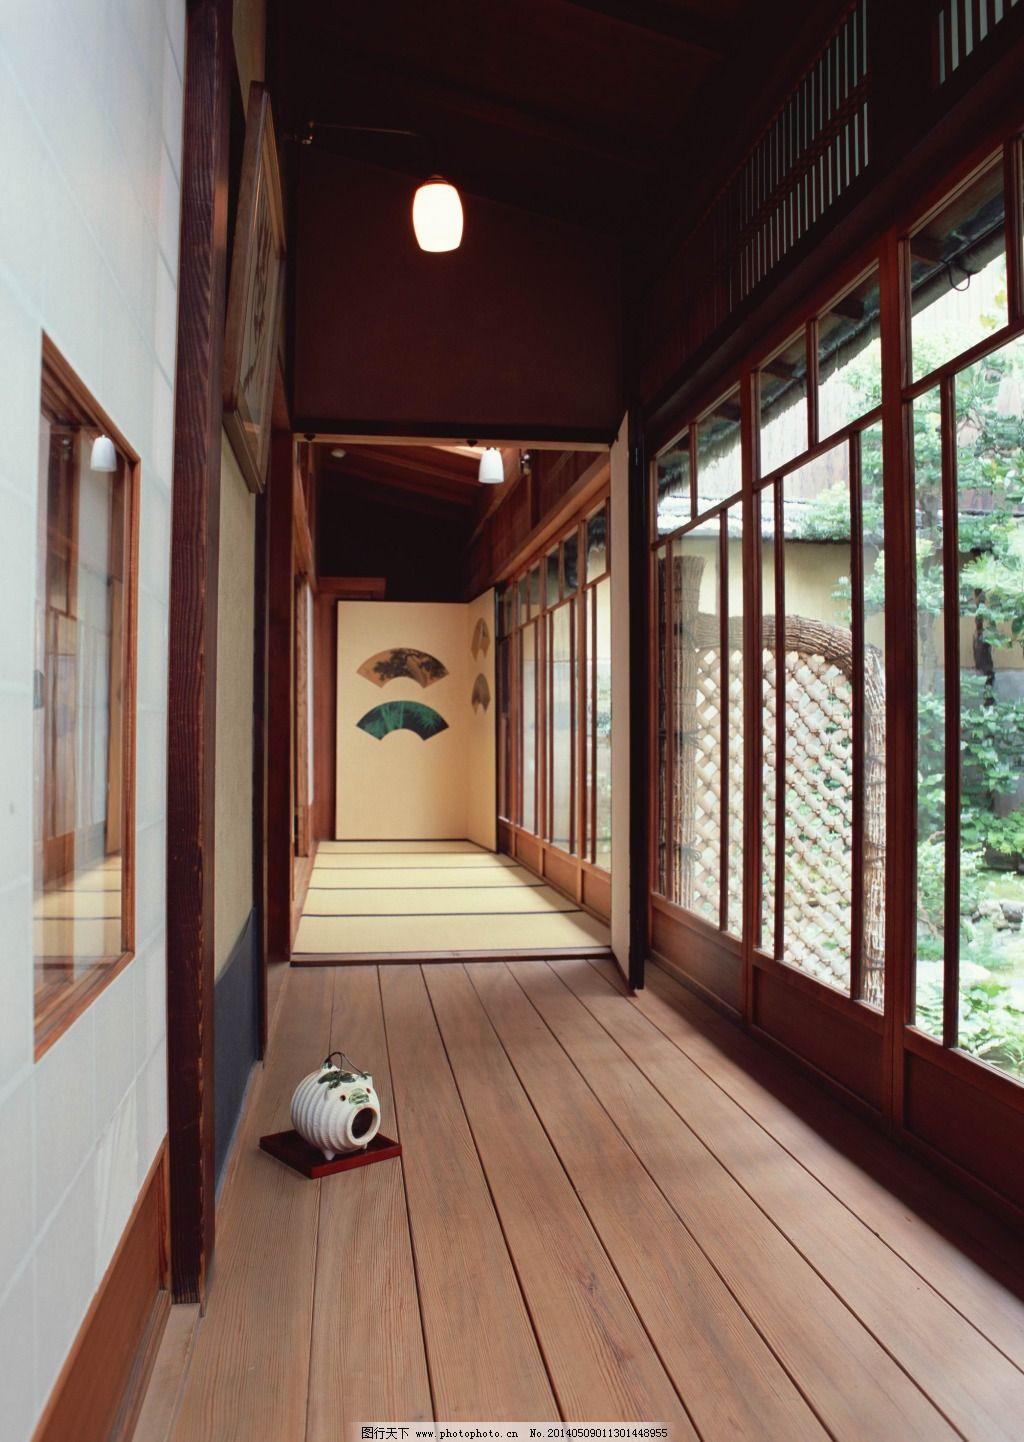 日式走廊免费下载 参考 木头 走廊 参考 走廊 木头 家居装饰素材 室内